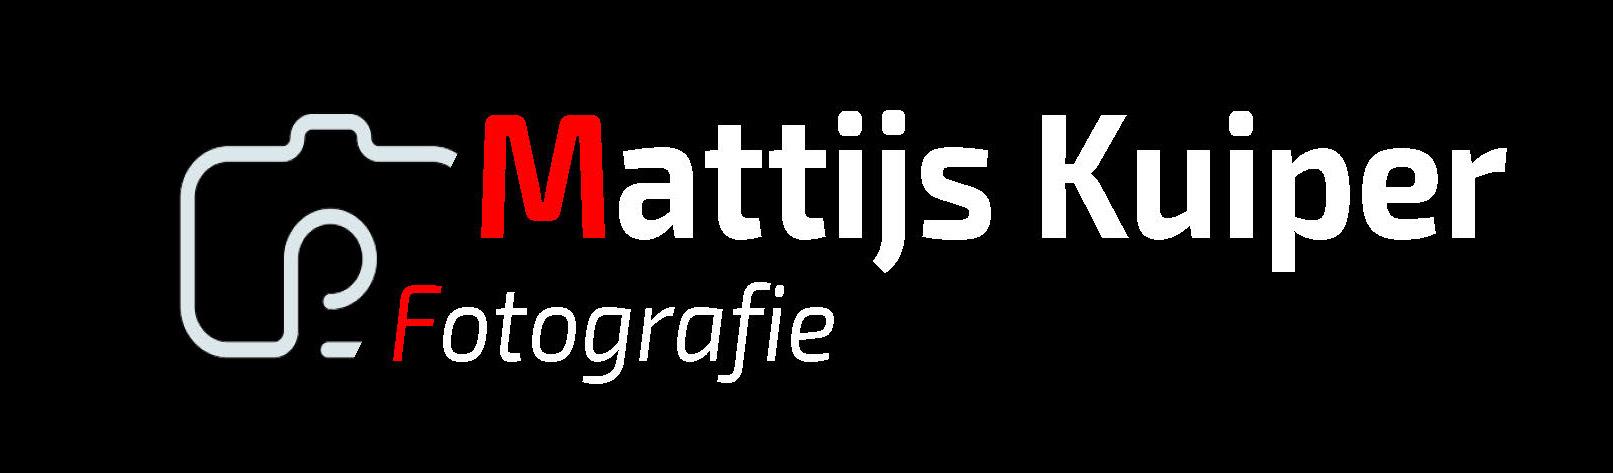 Mattijs Kuiper